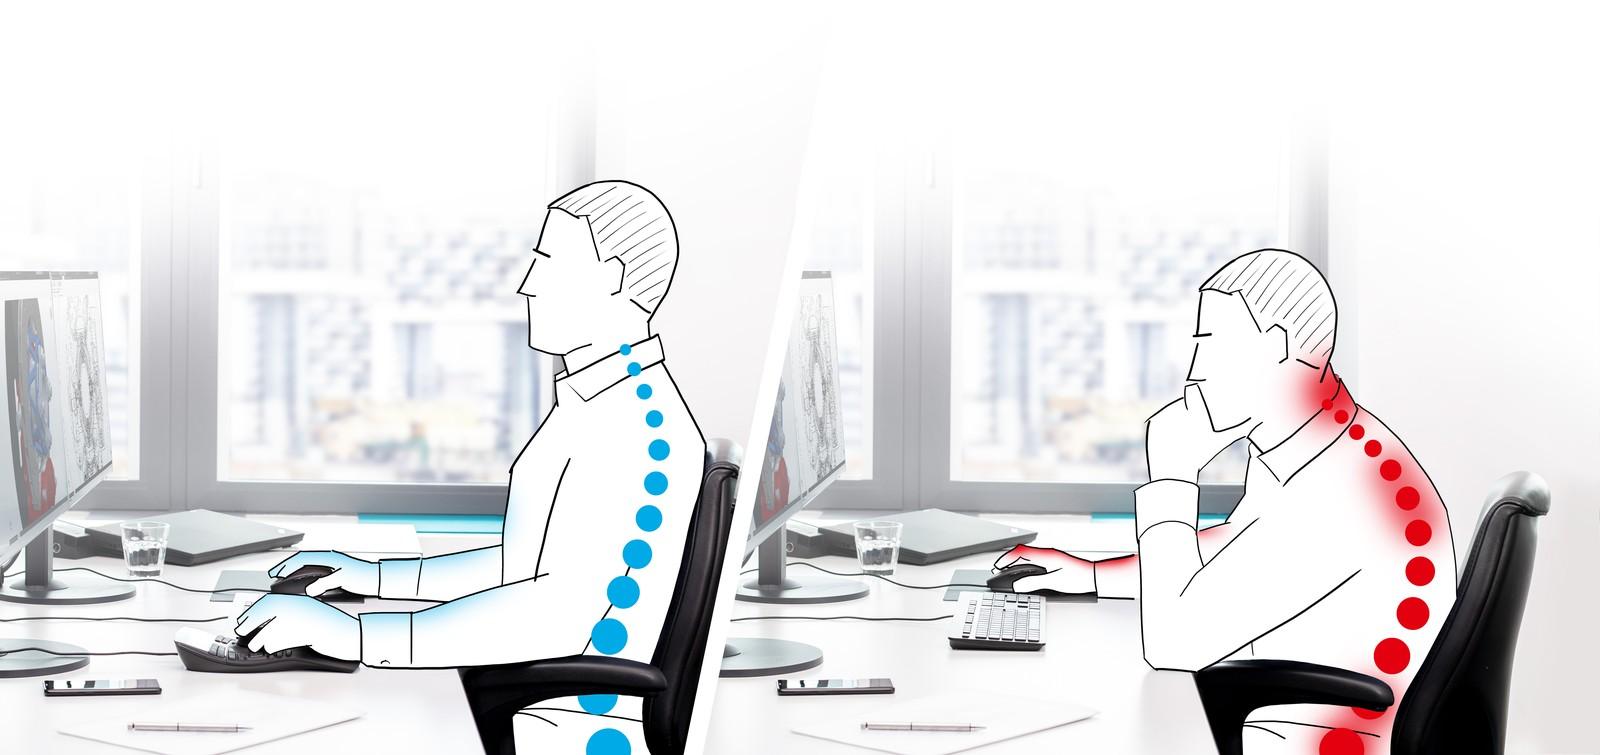 Die Nutzung einer 3D-Maus führt zu einer aufrechteren und damit gesünderen Sitzhaltung.